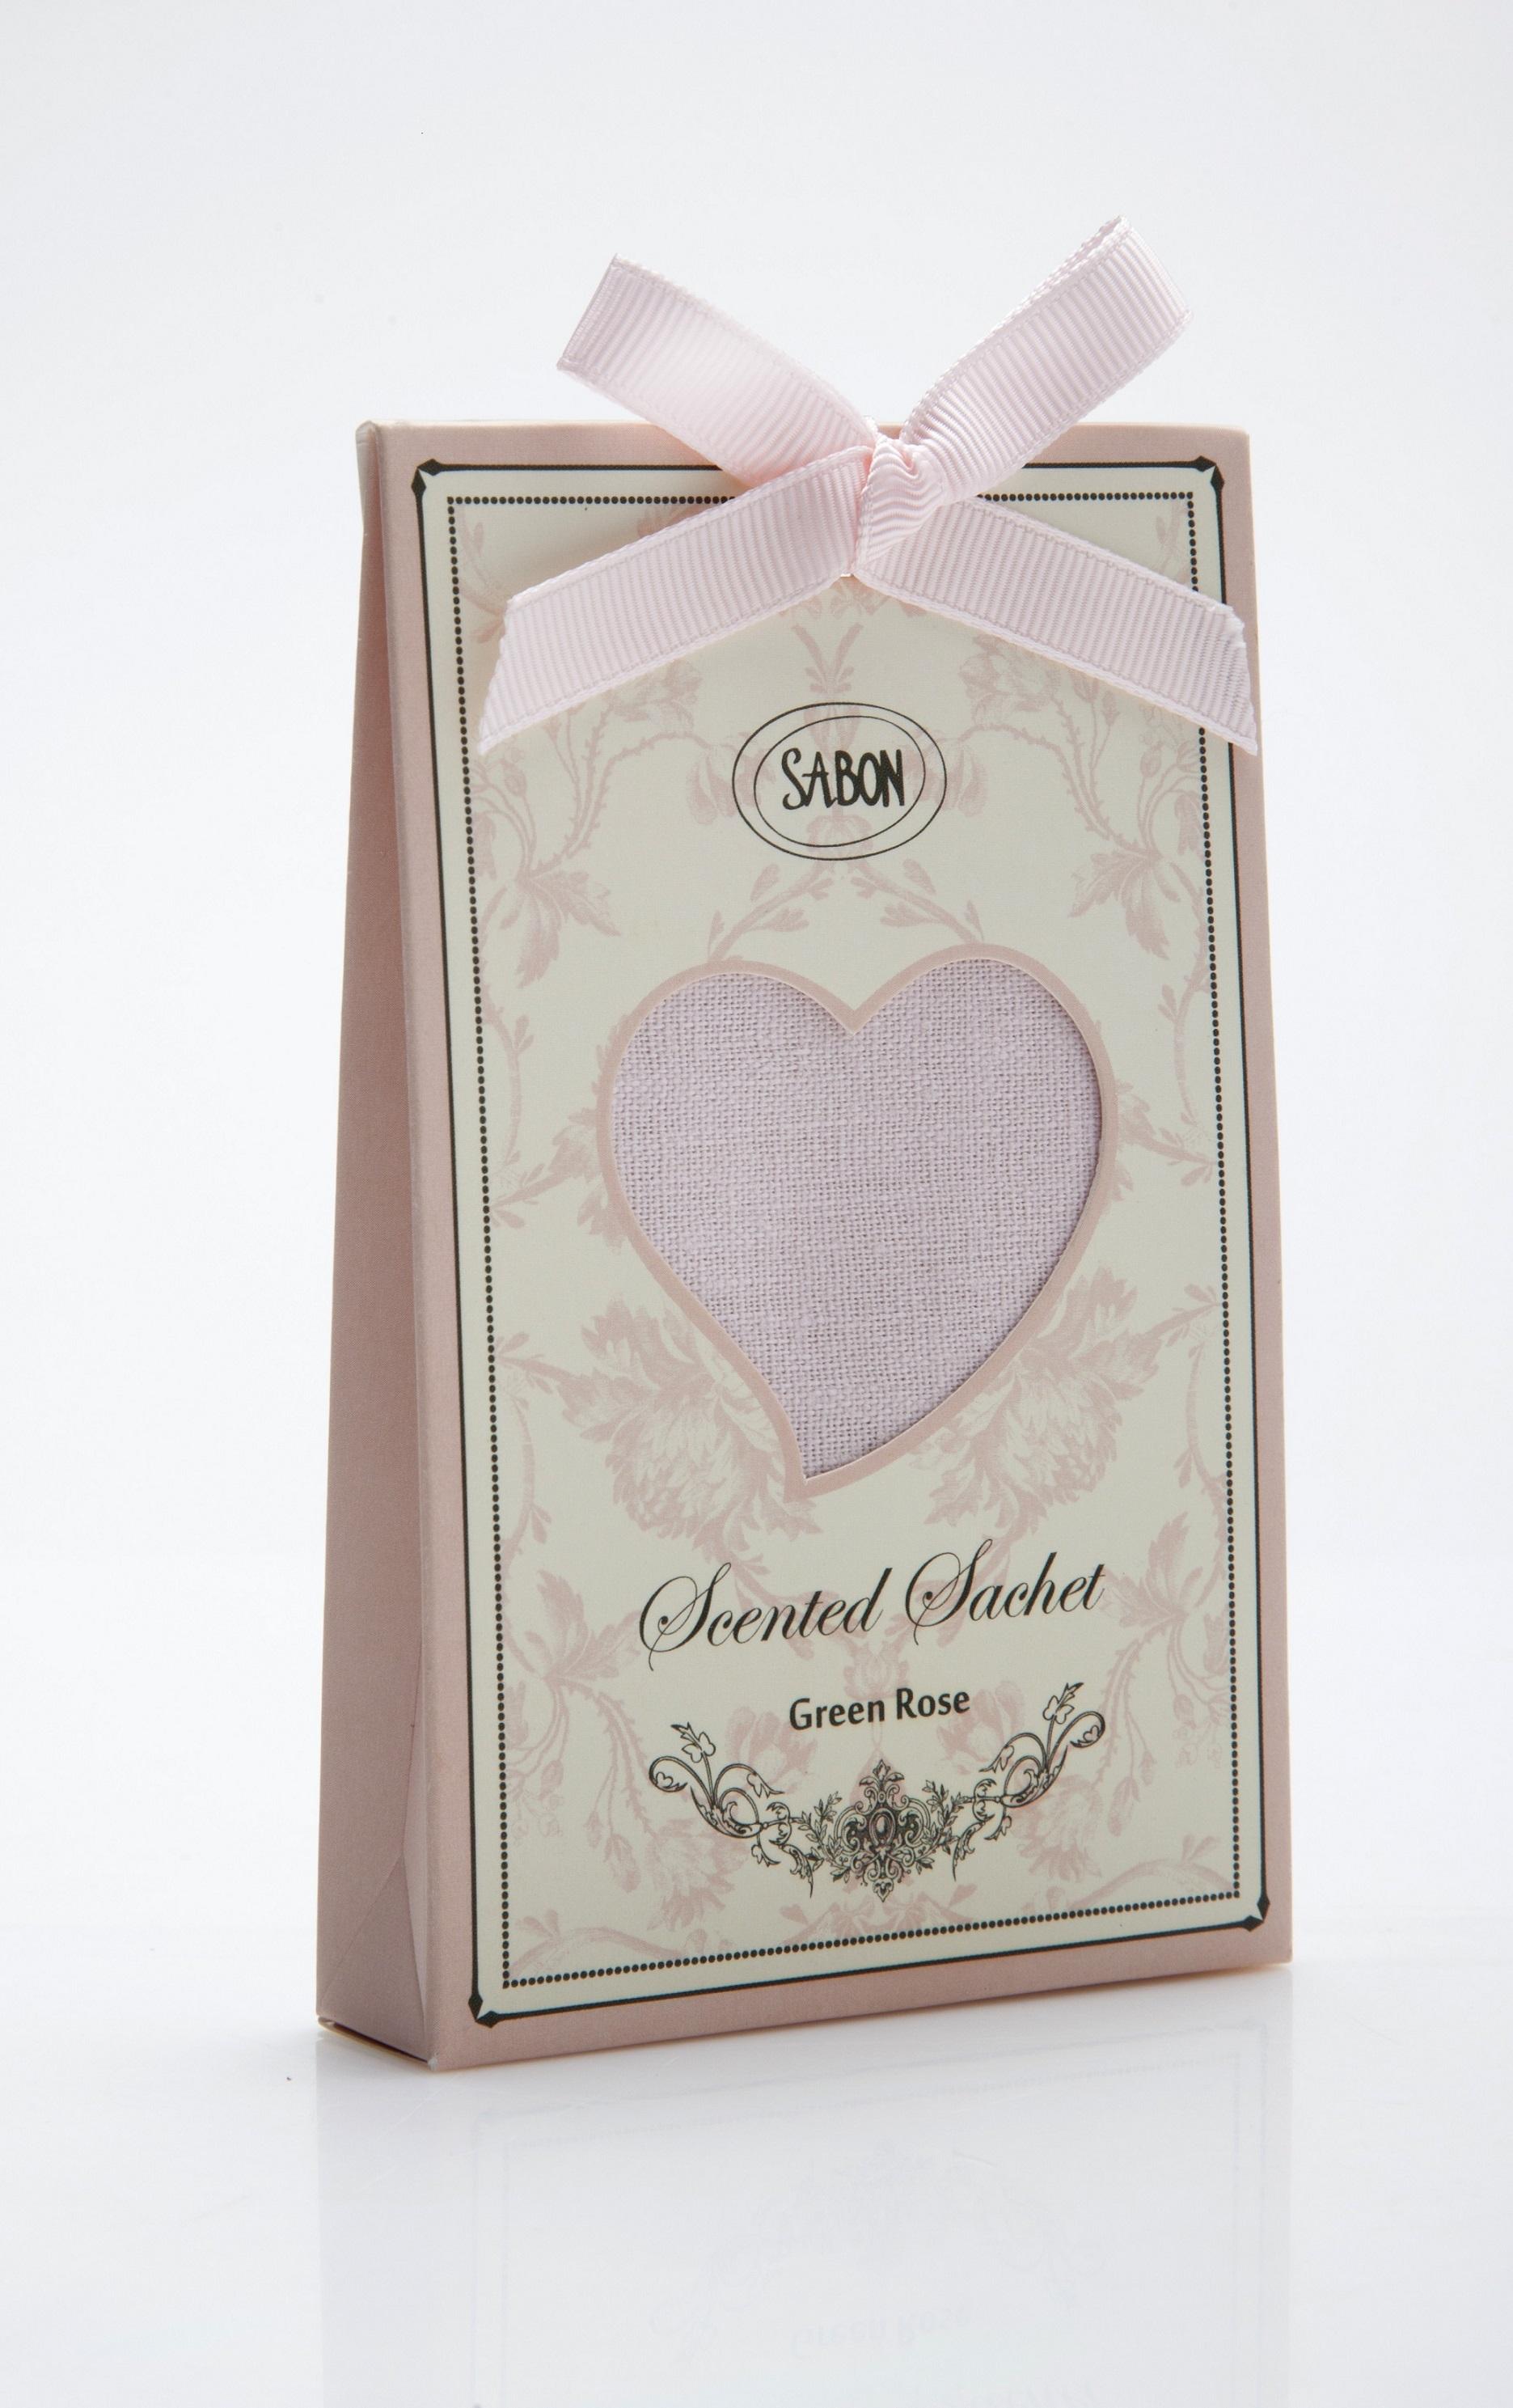 Душистые «валентнки» от Sabon ко Дню всех влюбленных